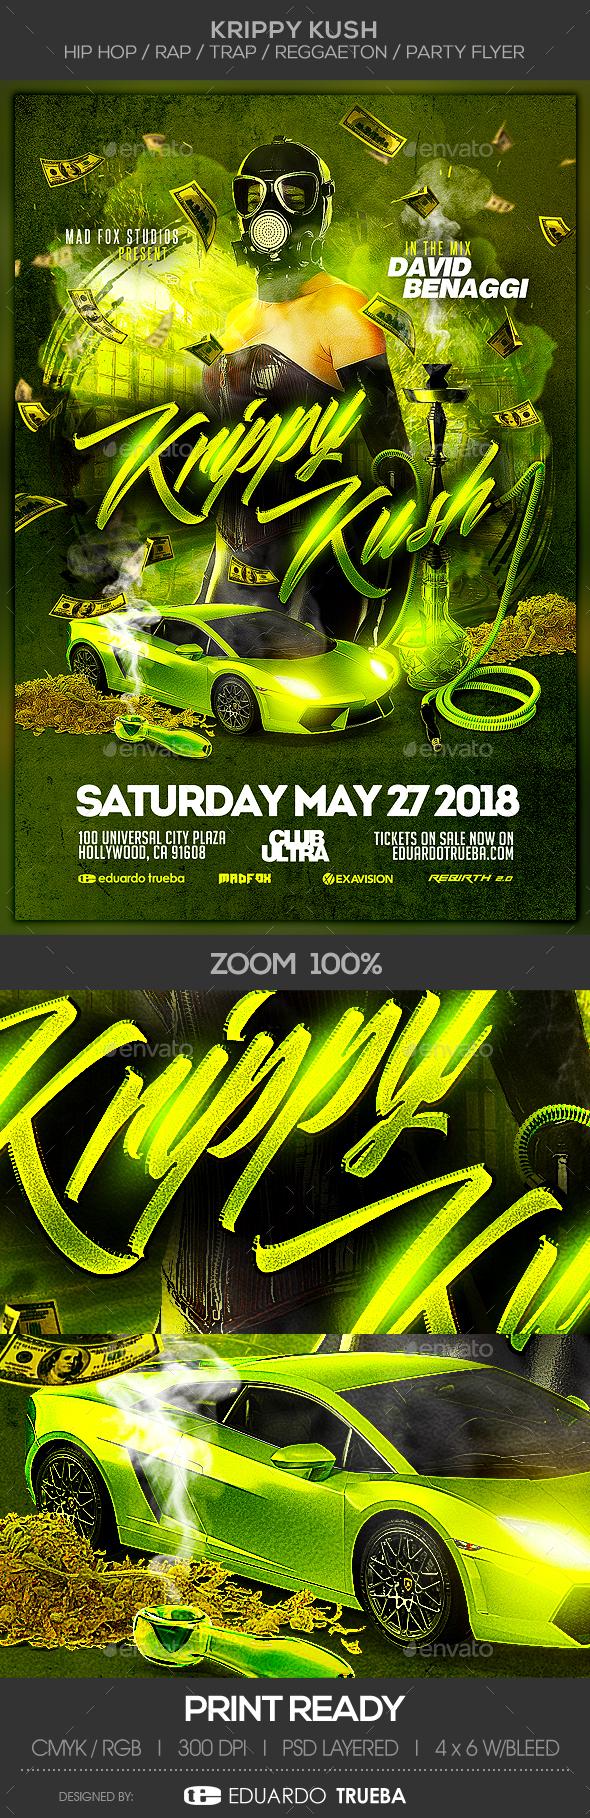 Krippy Kush - Hip Hop / Rap / Trap / Reggaeton Party Flyer - Clubs & Parties Events